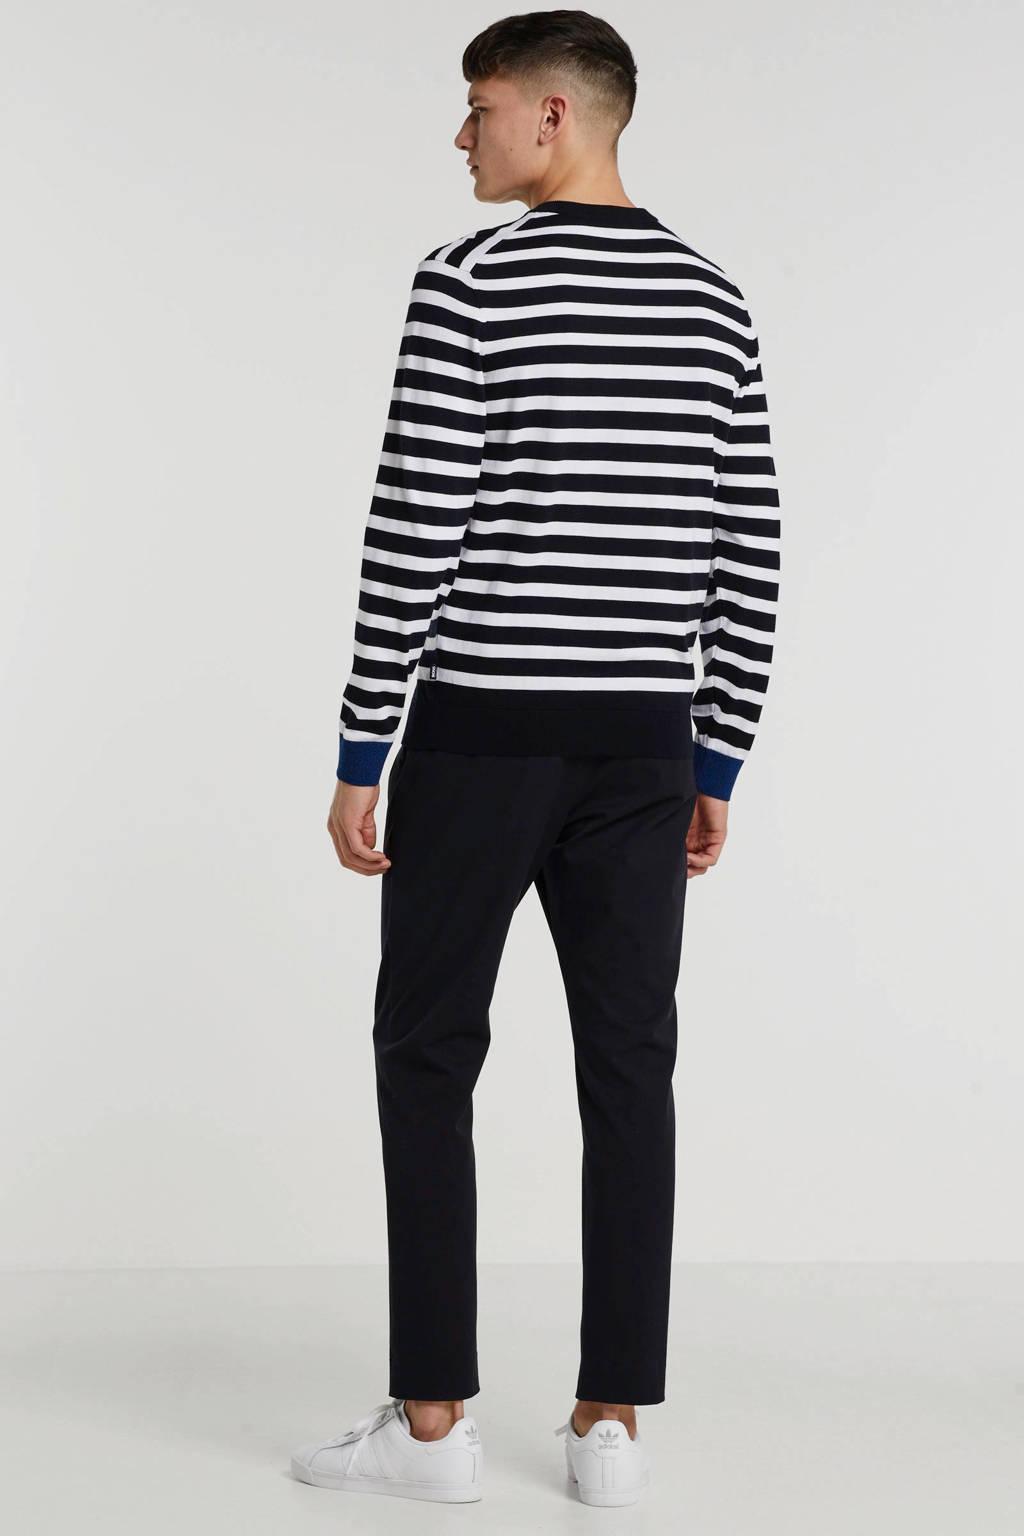 BOSS Menswear gestreepte trui zwart/wit, Zwart/wit